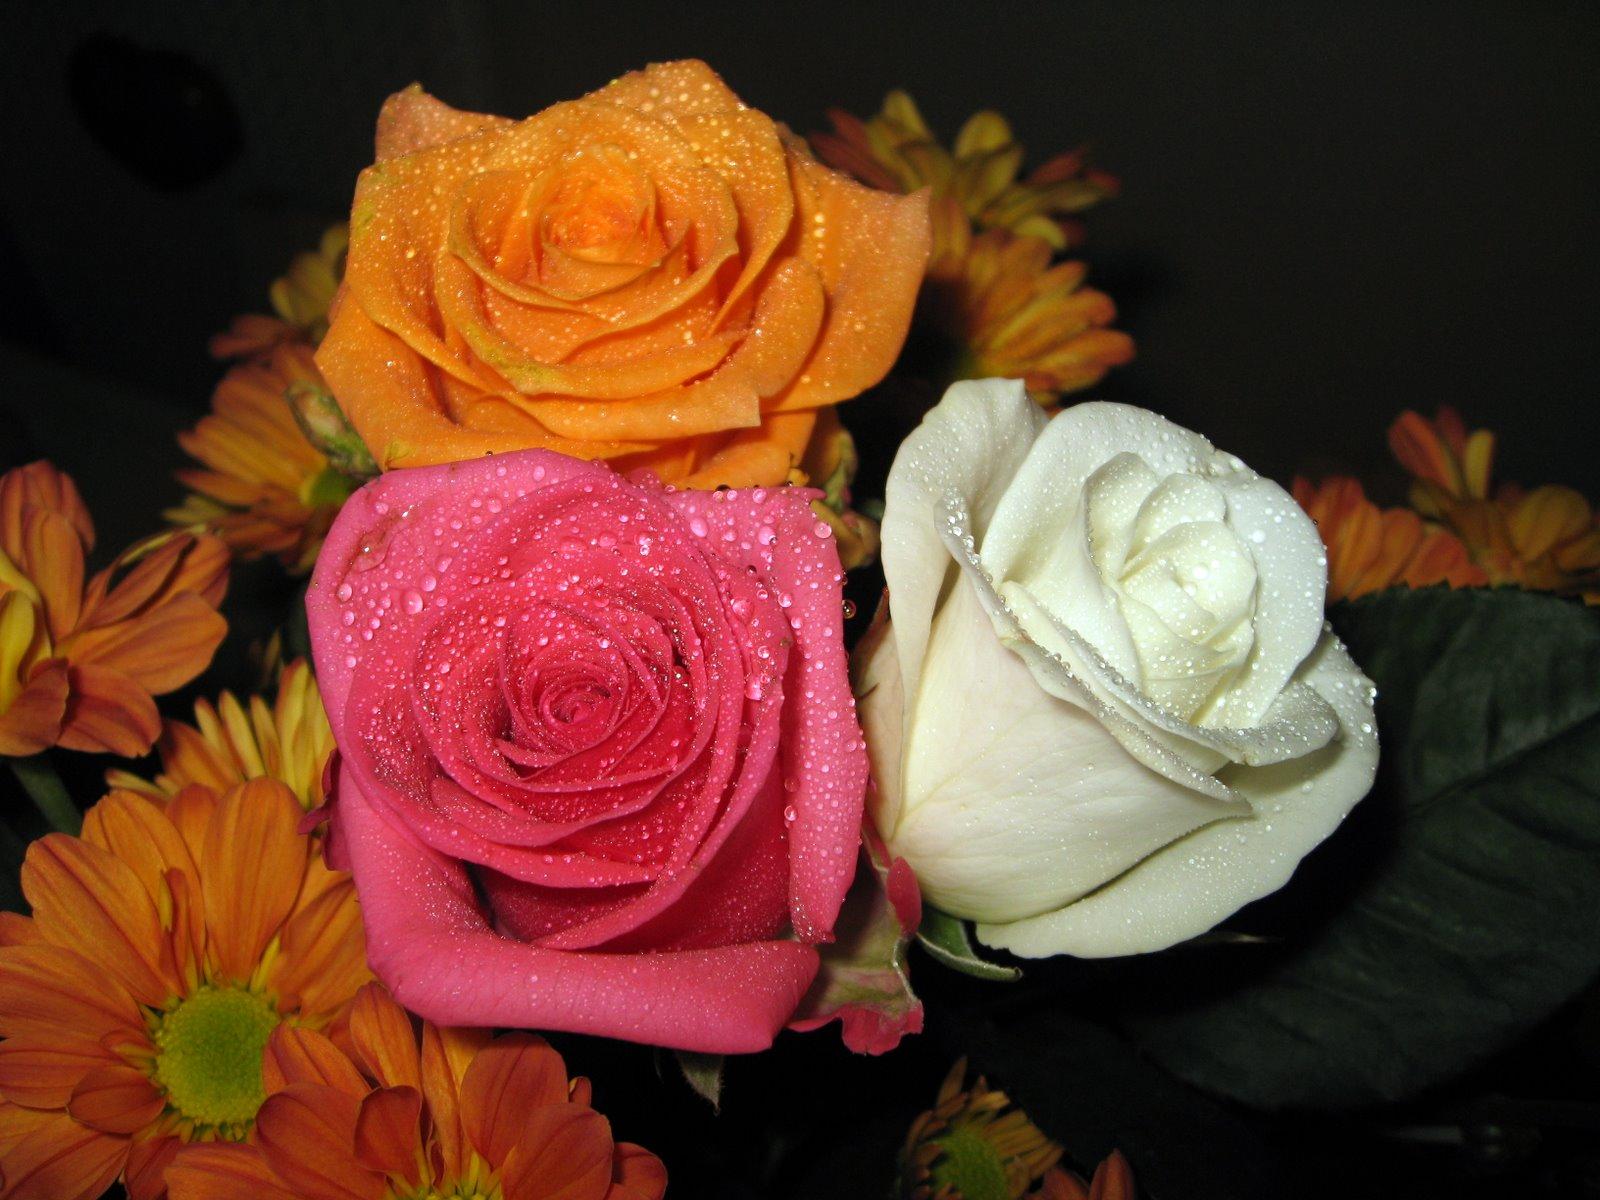 Rosas Imagenes Para Descargar - Fotos de flores y rosas para fondo de pantalla del celular y